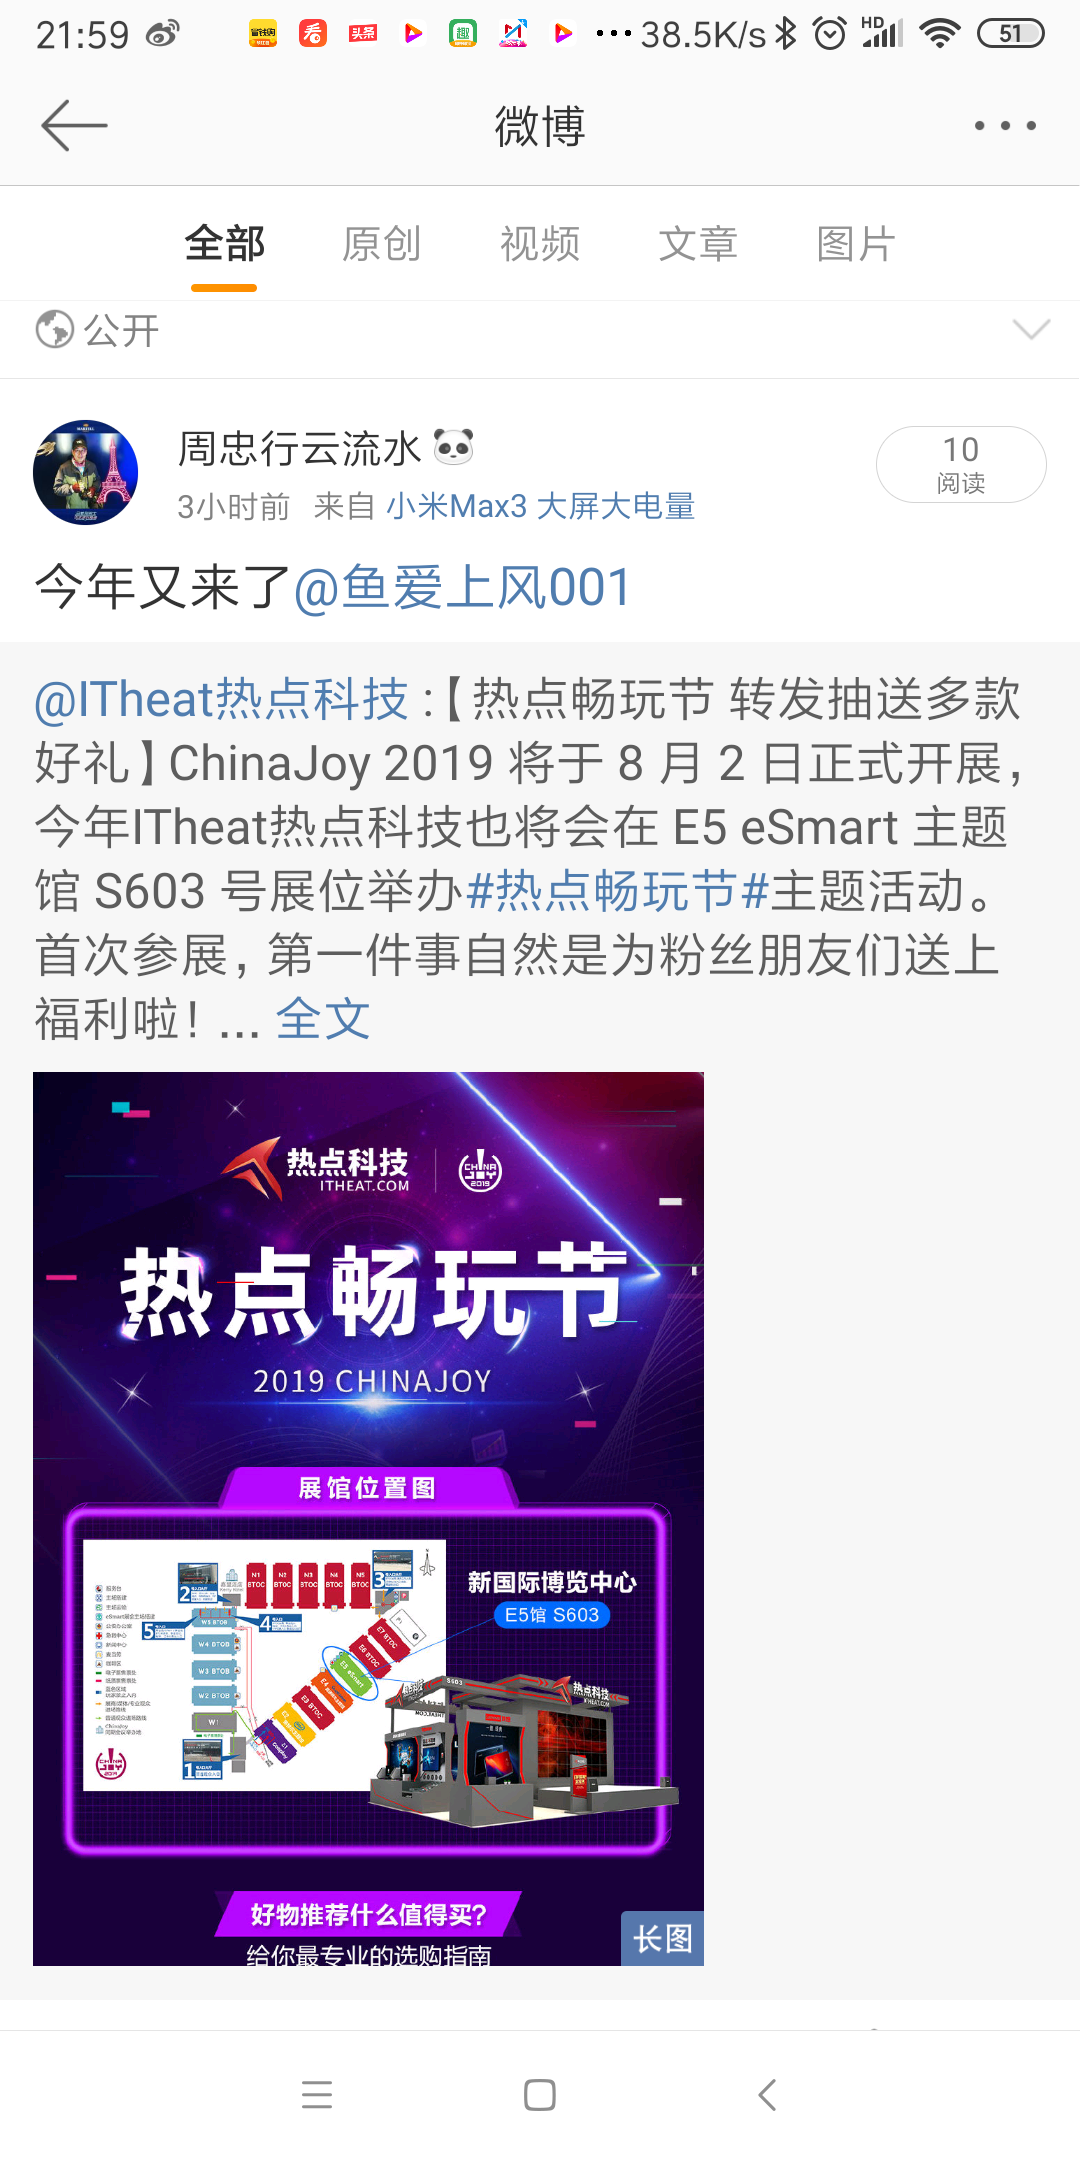 Screenshot_2019-07-23-21-59-28-367_com.sina.weibo.png